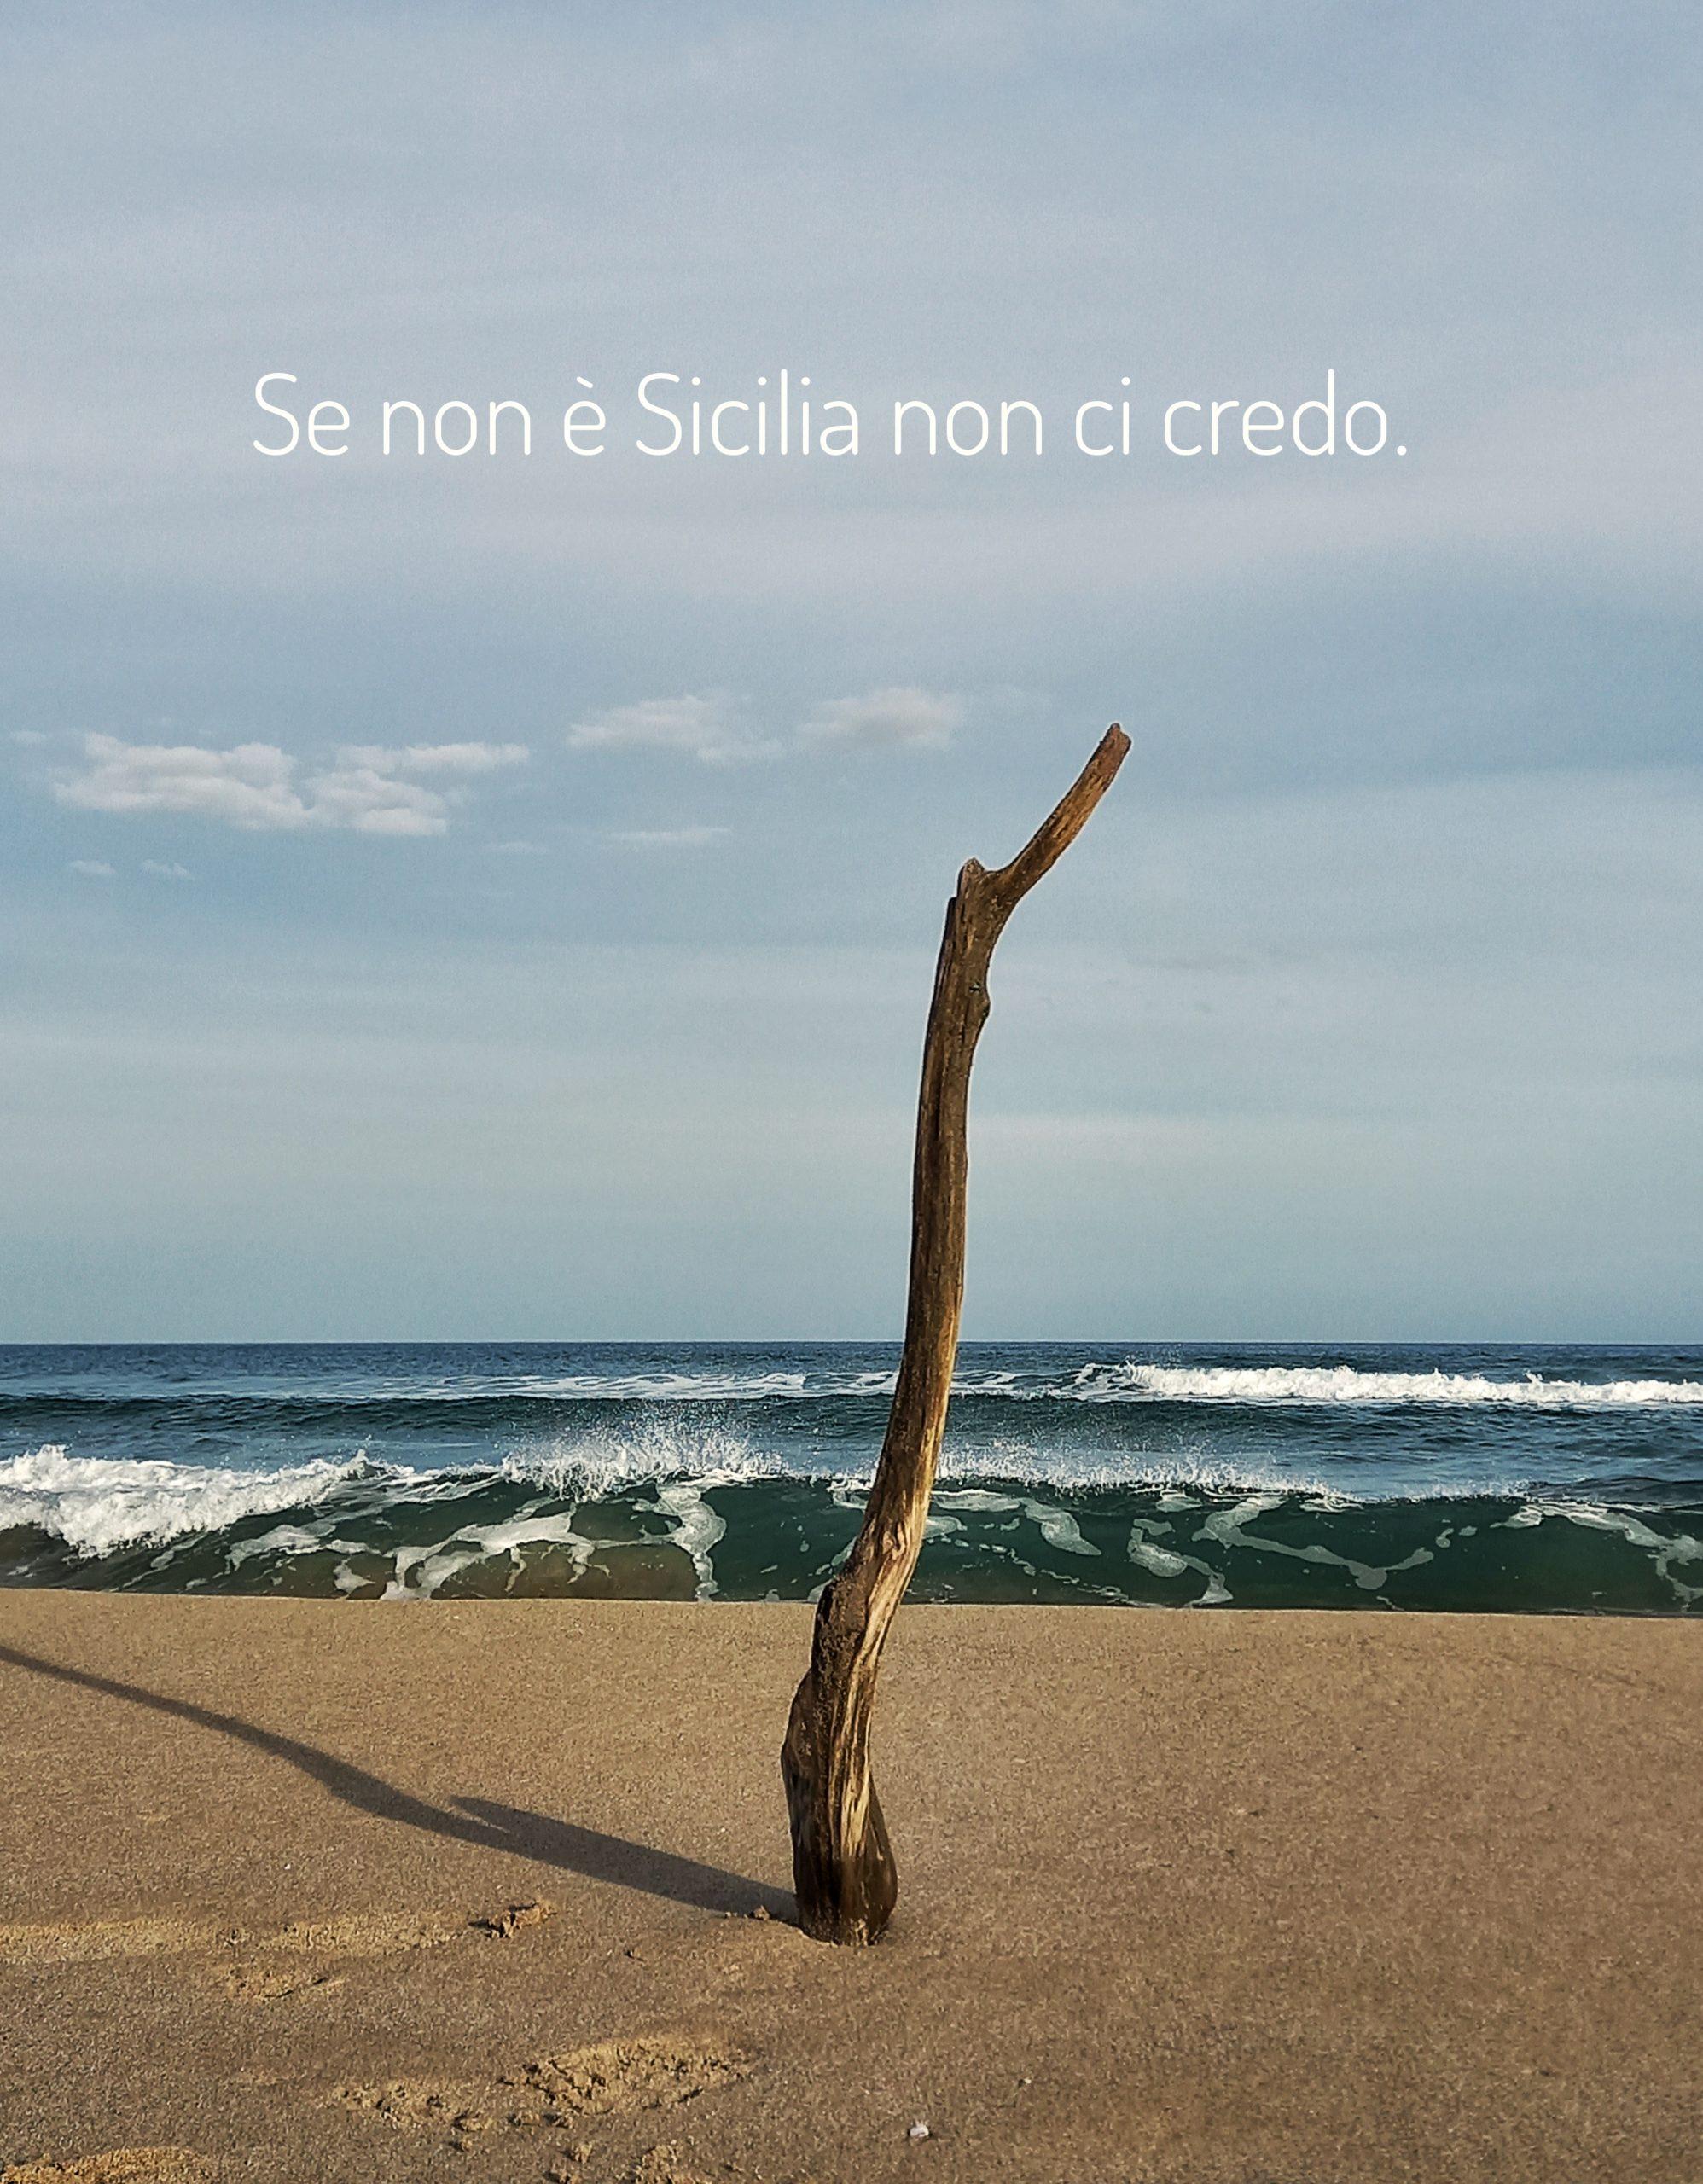 Se non è Sicilia non ci credo